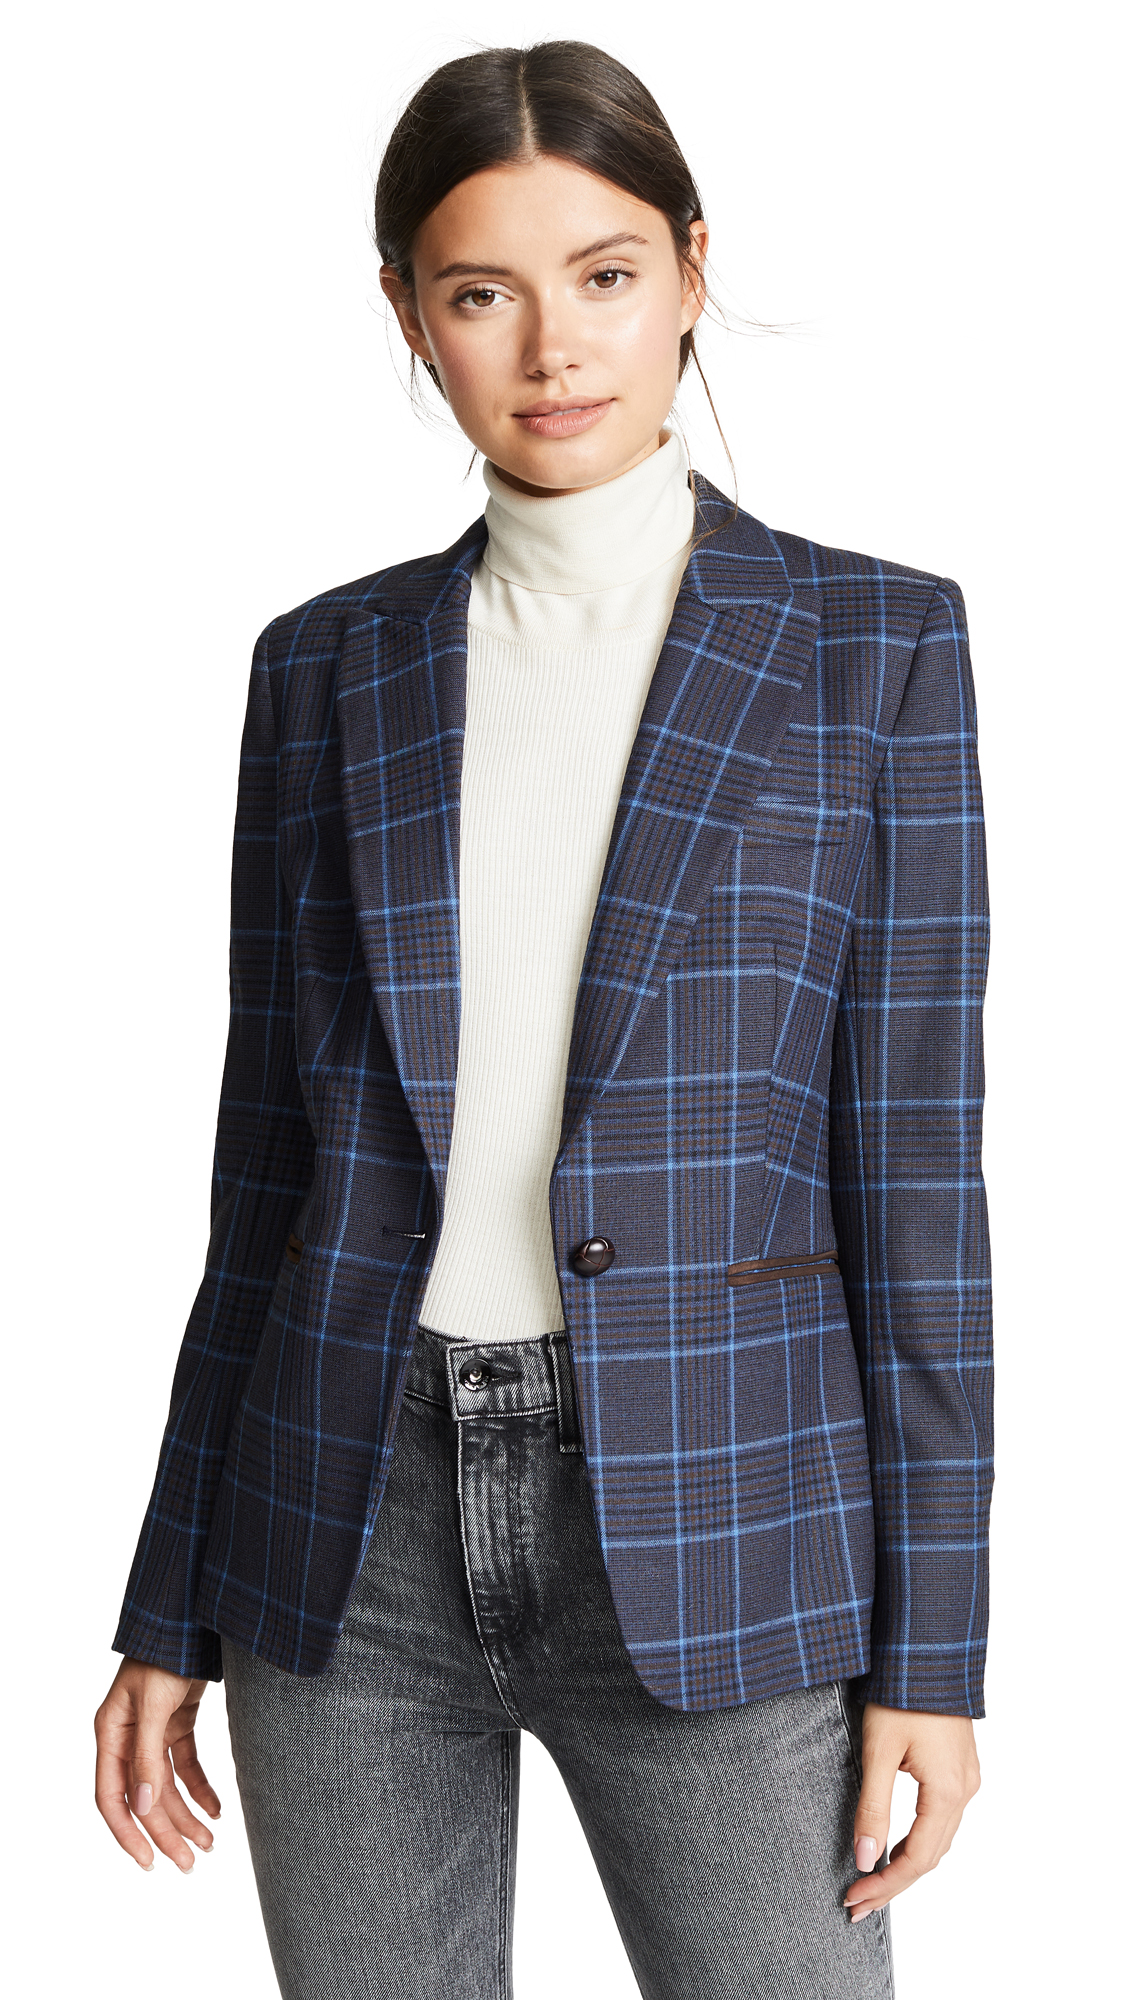 Veronica Beard Keating Dickey Jacket In Blue/Brown